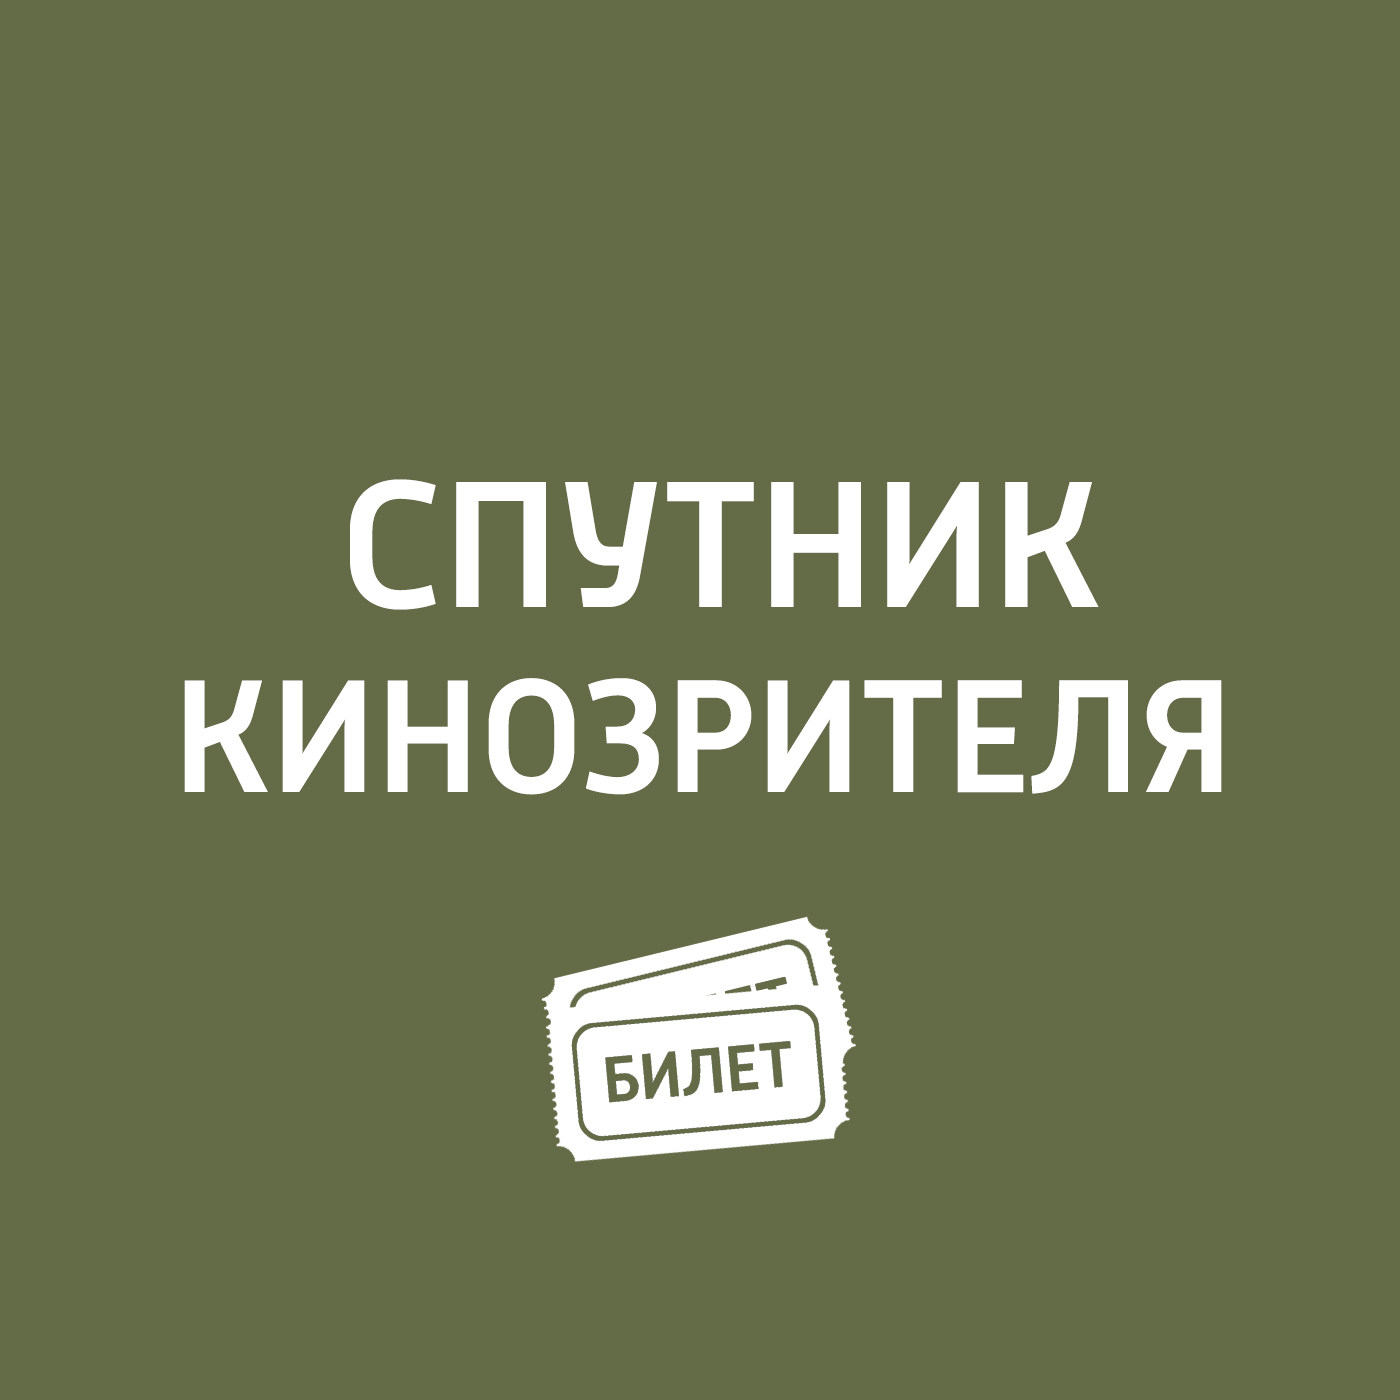 Антон Долин Выживут только любовники, «Дивергент, «Гангста Love сборник великие любовники